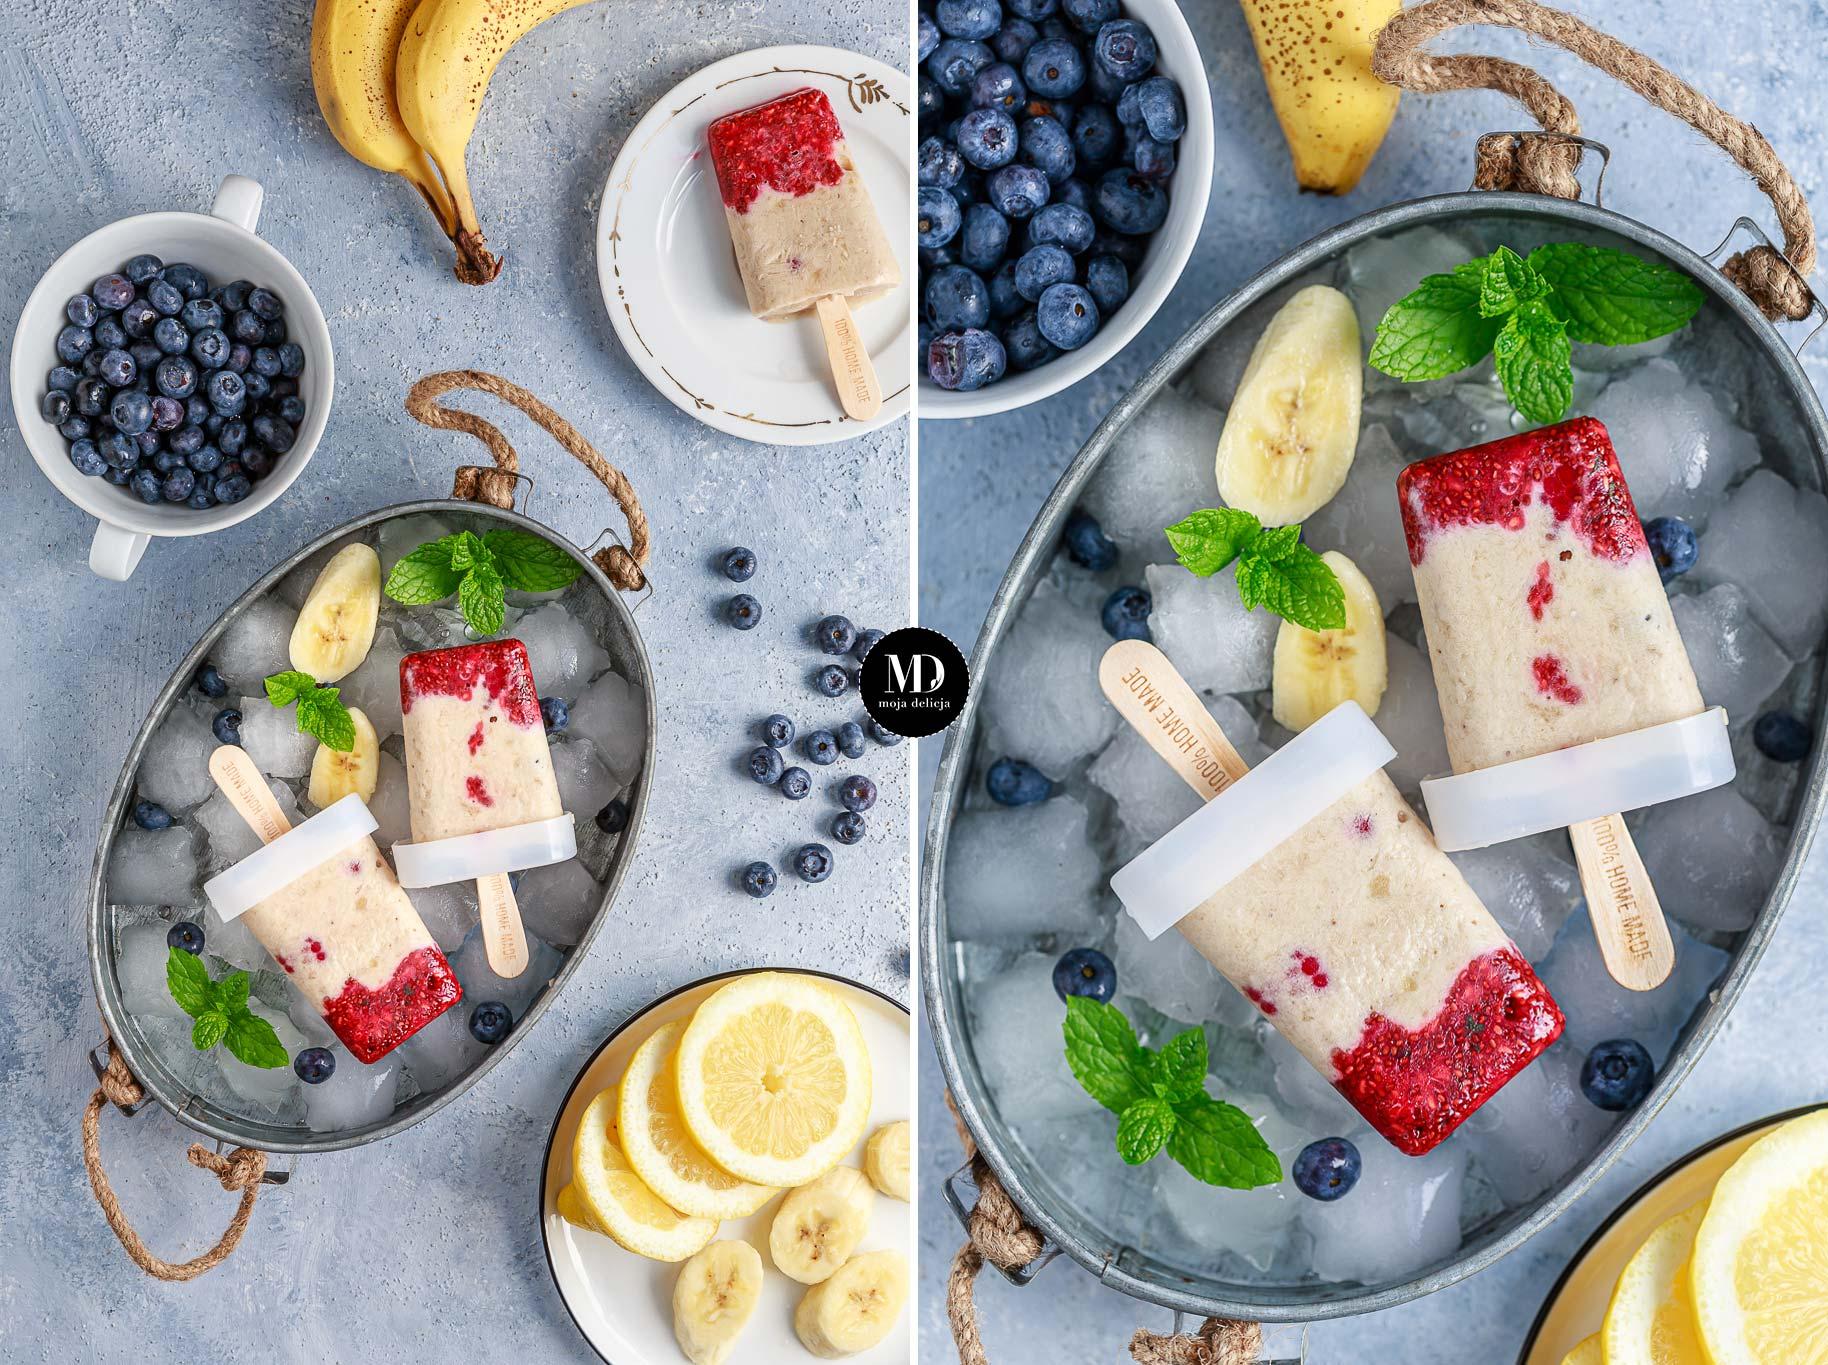 Lody bananowe z malinami – domowe lody z szybkiem dżemem z malinami, chia, tymiankiem – bez cukru